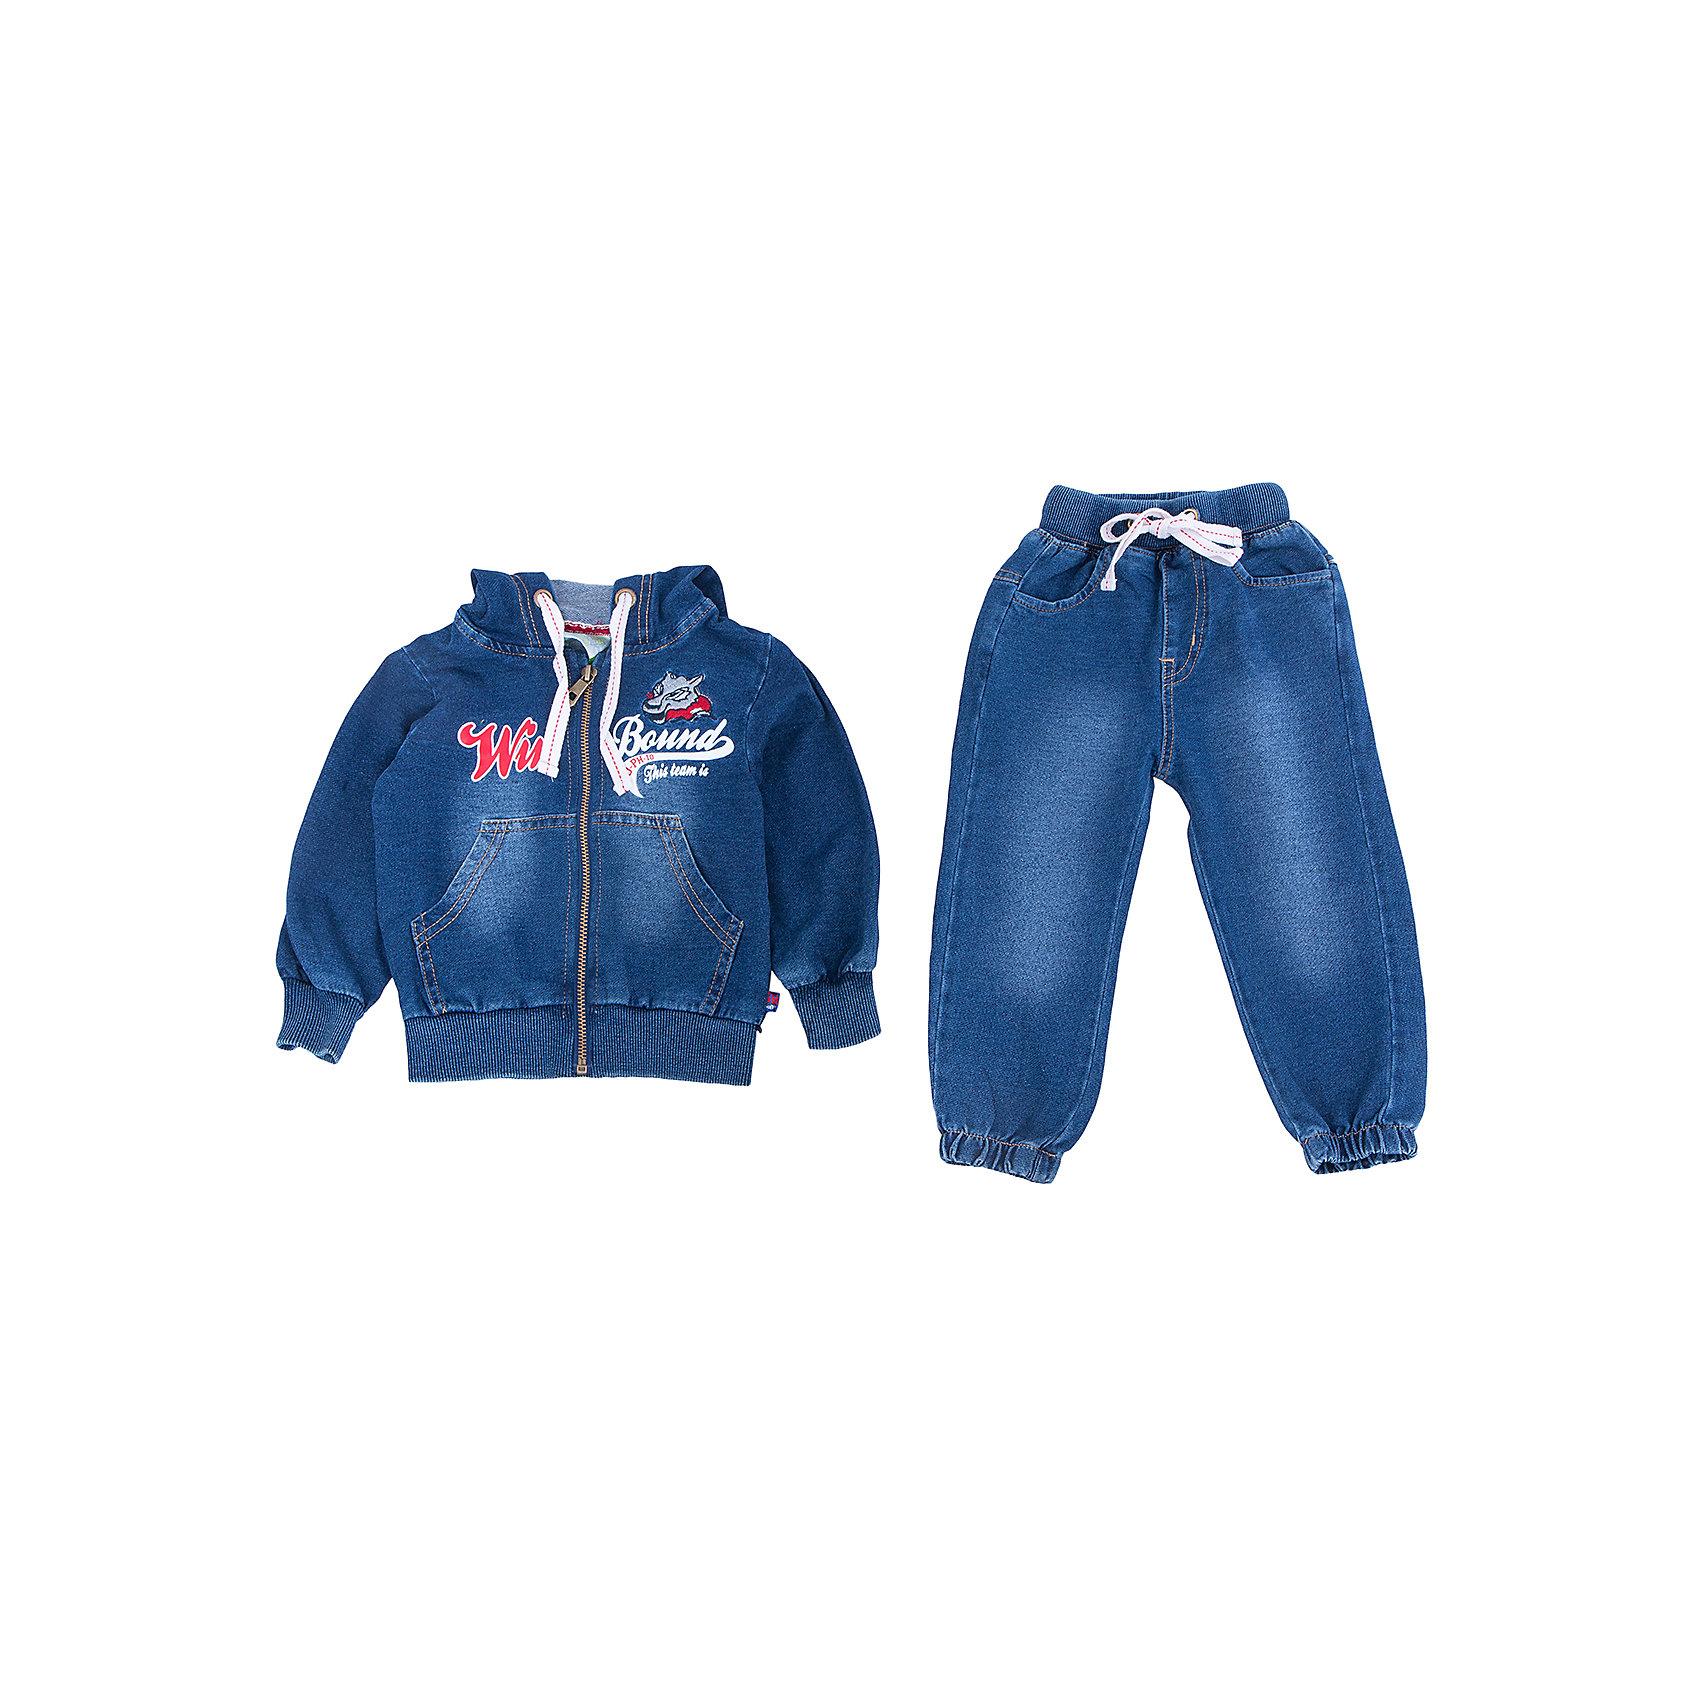 Спортивный костюм для мальчика Sweet BerryКомплекты<br>Эта модель спортивного костюма для мальчика отличается модным дизайном. Удачный крой обеспечит ребенку комфорт и тепло. Плотный материал делает вещь идеальной для прохладной погоды. Она плотно прилегает к телу там, где нужно, и отлично сидит по фигуре. Декорирована модель стильными нашивками. Штаны - с мягкой резинкой на поясе и затягивающимся шнурком. Ткань - футер с расцветкой под джинс.<br>Одежда от бренда Sweet Berry - это простой и выгодный способ одеть ребенка удобно и стильно. Всё изделия тщательно проработаны: швы - прочные, материал - качественный, фурнитура - подобранная специально для детей. <br><br>Дополнительная информация:<br><br>цвет: синий;<br>капюшон;<br>материал: 95% хлопок, 5% эластан (футер);<br>застежка: молния;<br>в брюках - резинка и шнурок.<br><br>Спортивный костюм для мальчика от бренда Sweet Berry можно купить в нашем интернет-магазине.<br><br>Ширина мм: 247<br>Глубина мм: 16<br>Высота мм: 140<br>Вес г: 225<br>Цвет: синий<br>Возраст от месяцев: 24<br>Возраст до месяцев: 36<br>Пол: Мужской<br>Возраст: Детский<br>Размер: 98,80,86,92<br>SKU: 4929987